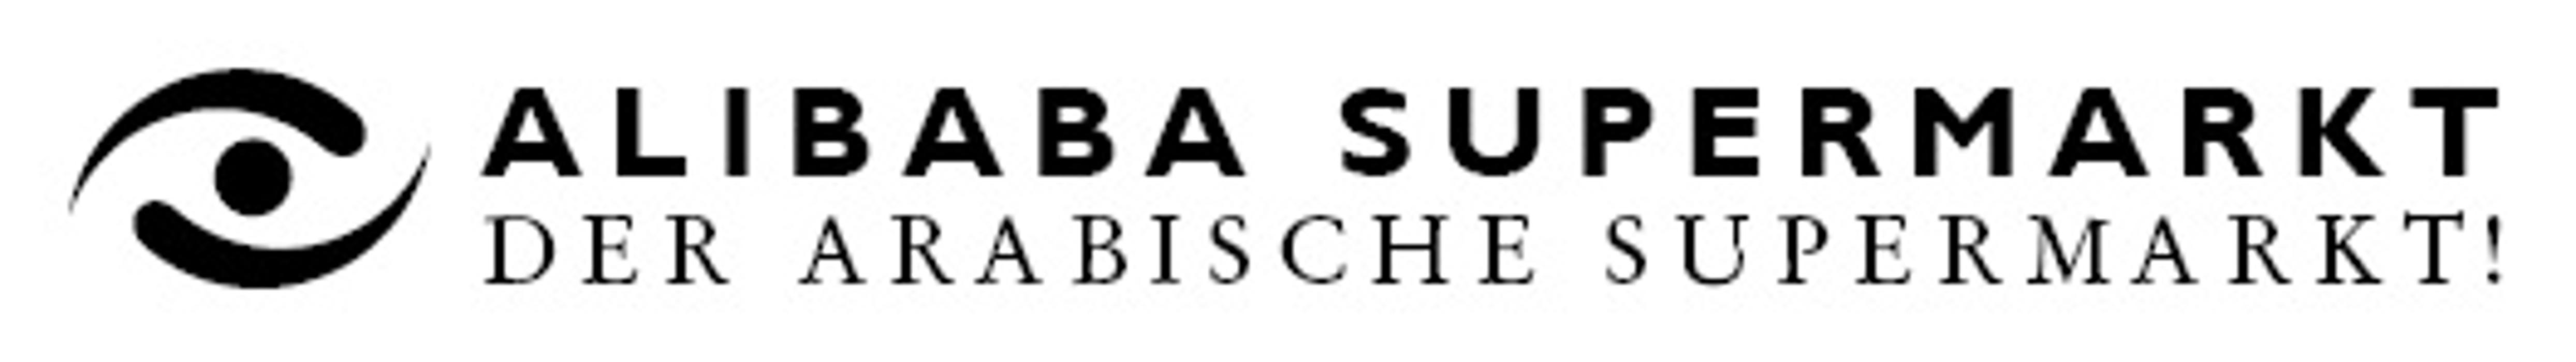 Logo von Alibaba Supermarkt